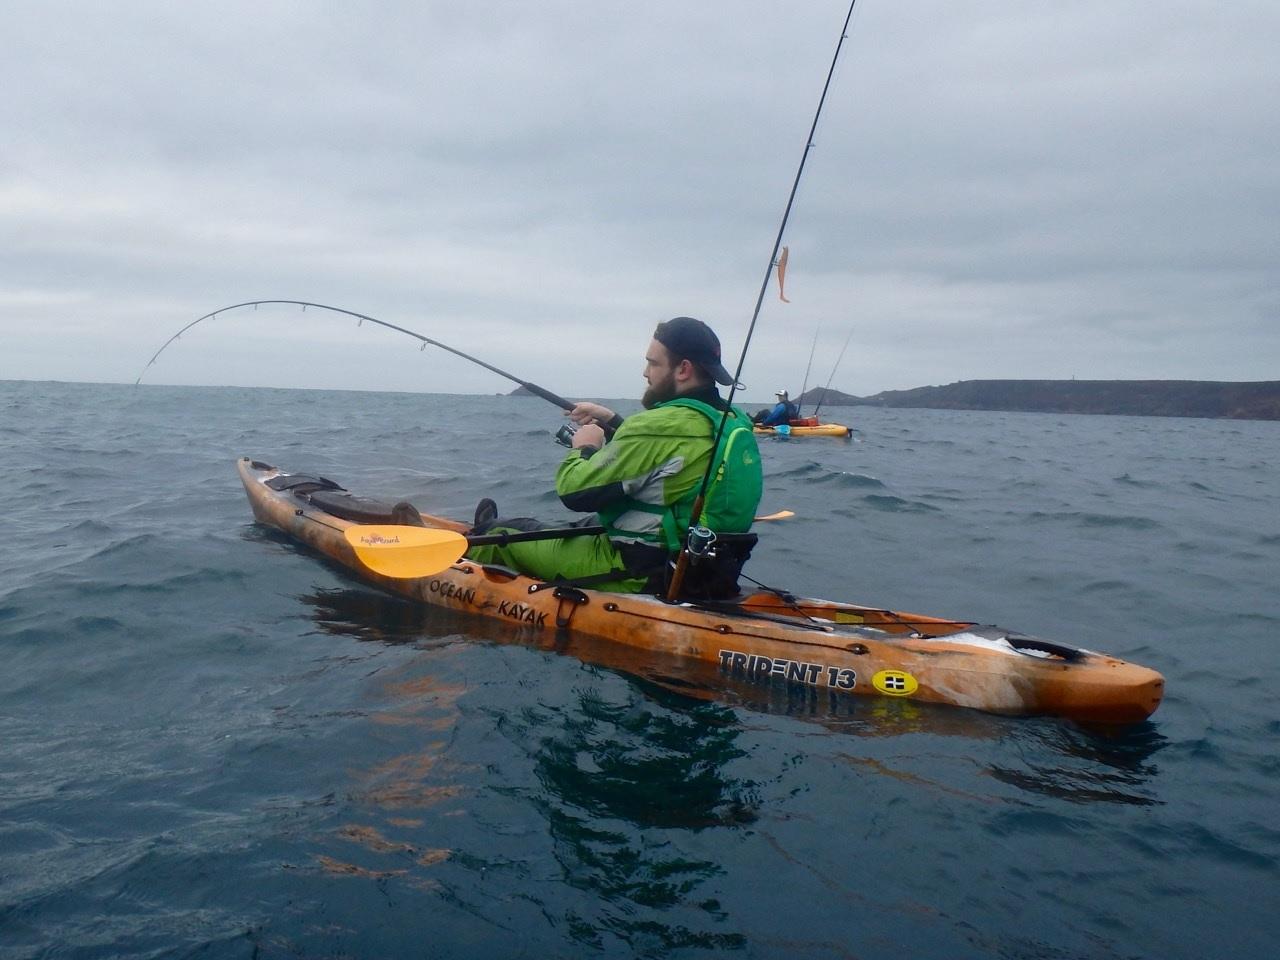 Ocean kayak trident 13 2017 sit on top kayaks for 2017 fishing kayaks